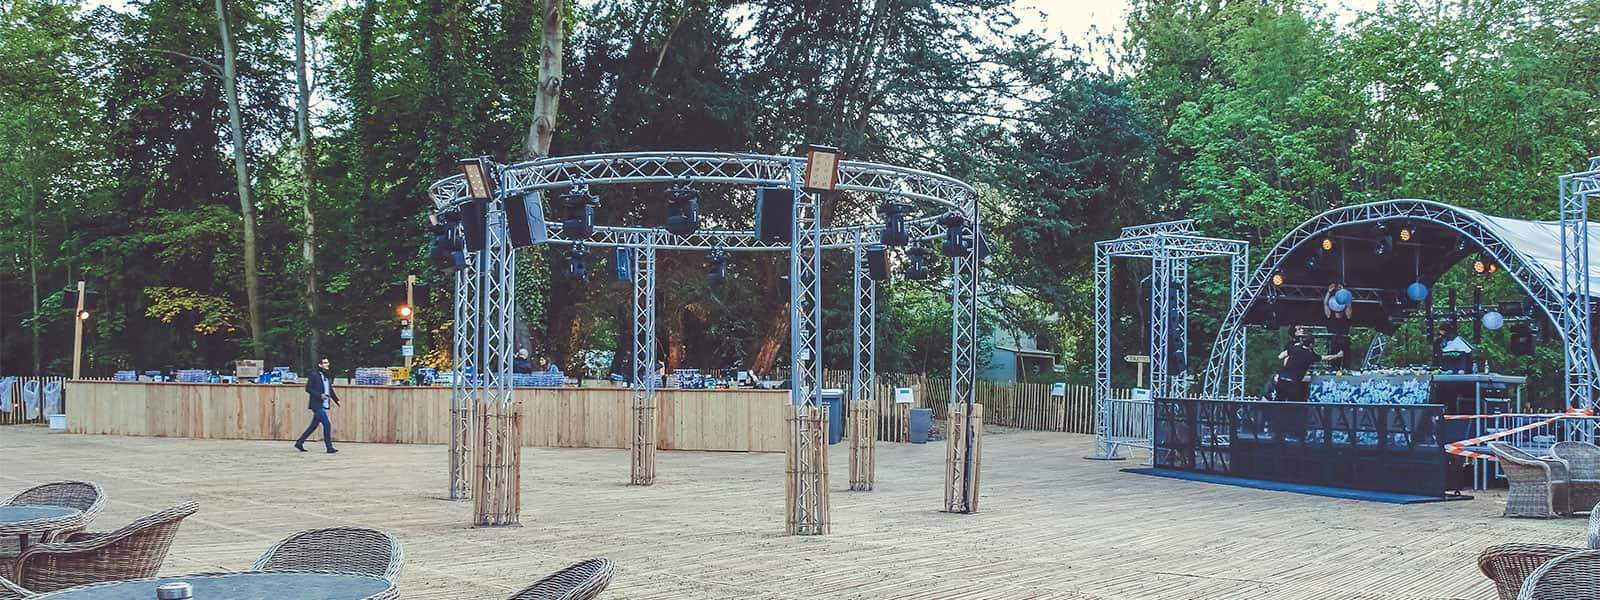 Location de salles atypiques à Paris ~ Manoir Bois De Boulogne